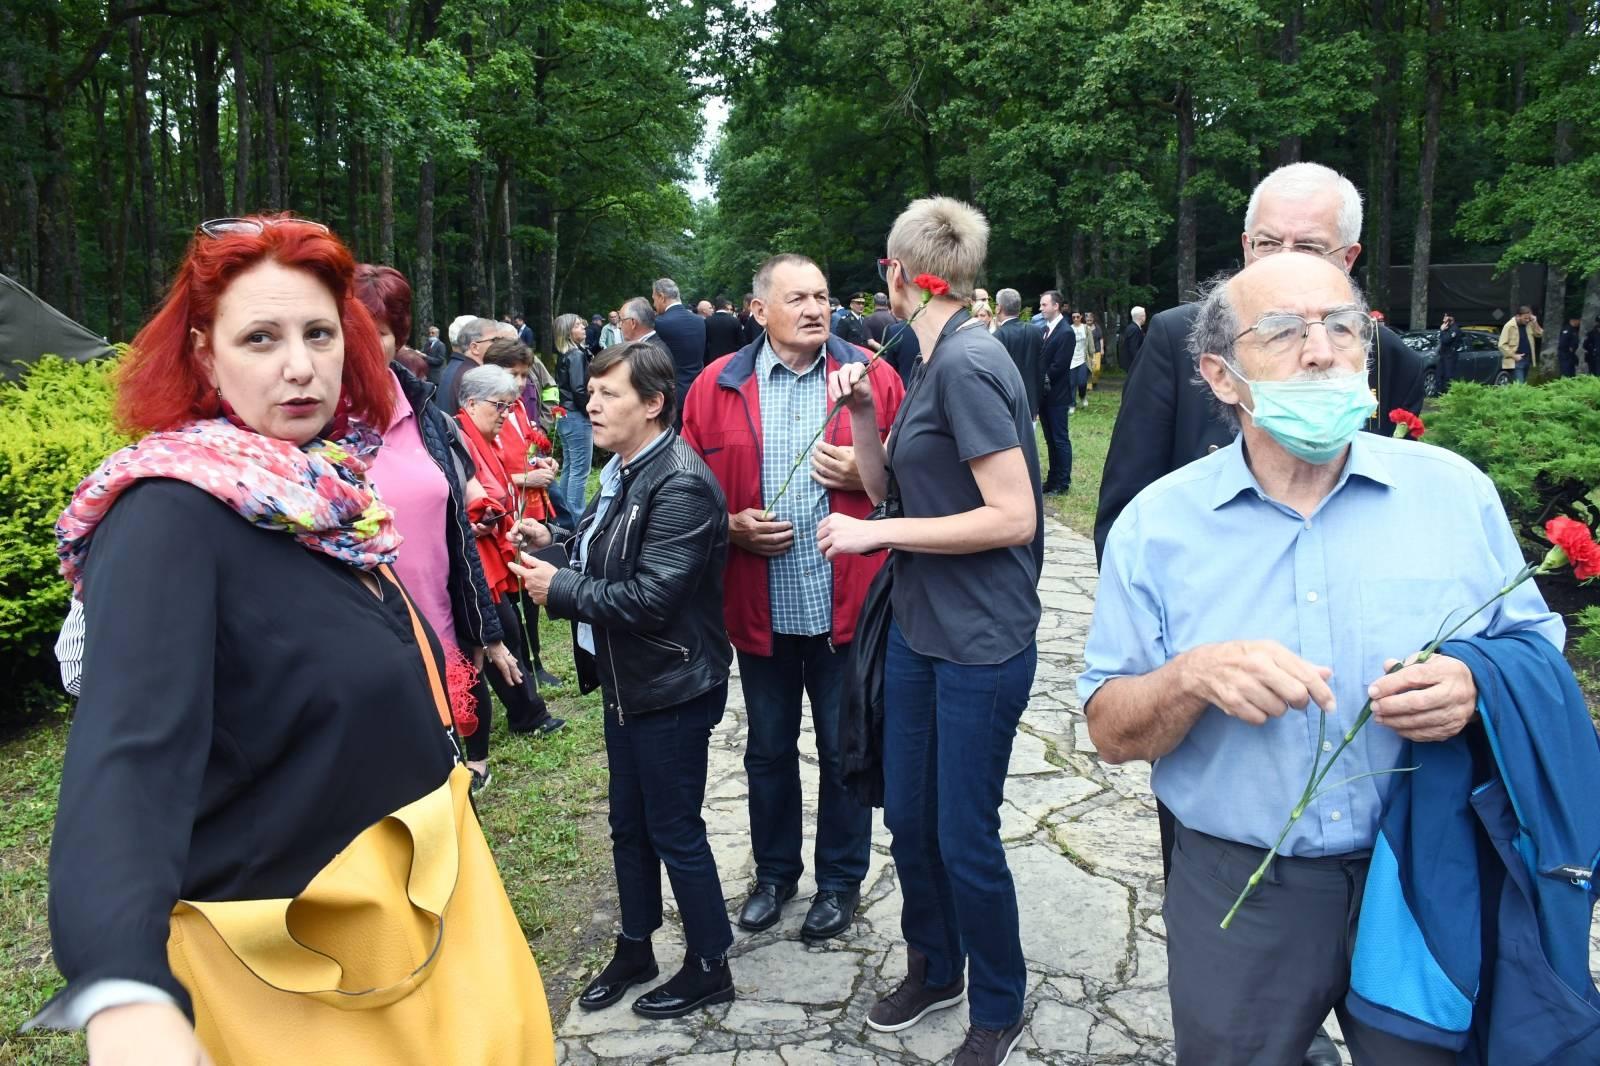 Obilježavanje Dana antifašističke borbe u Park šumi Brezovica pored Siska